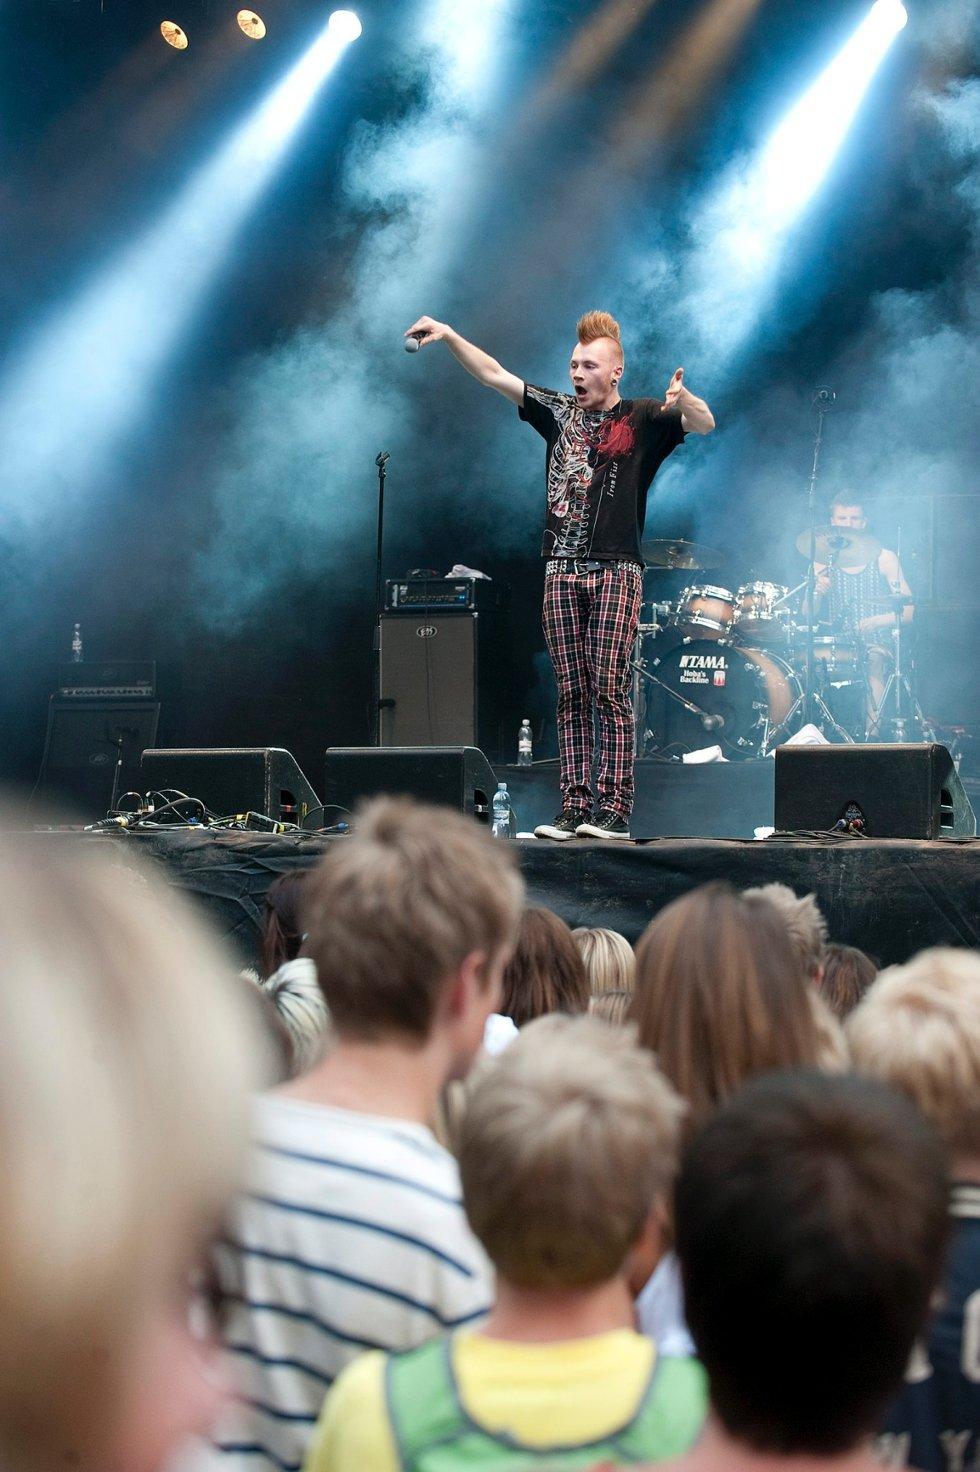 Foto: Rune Folkedal